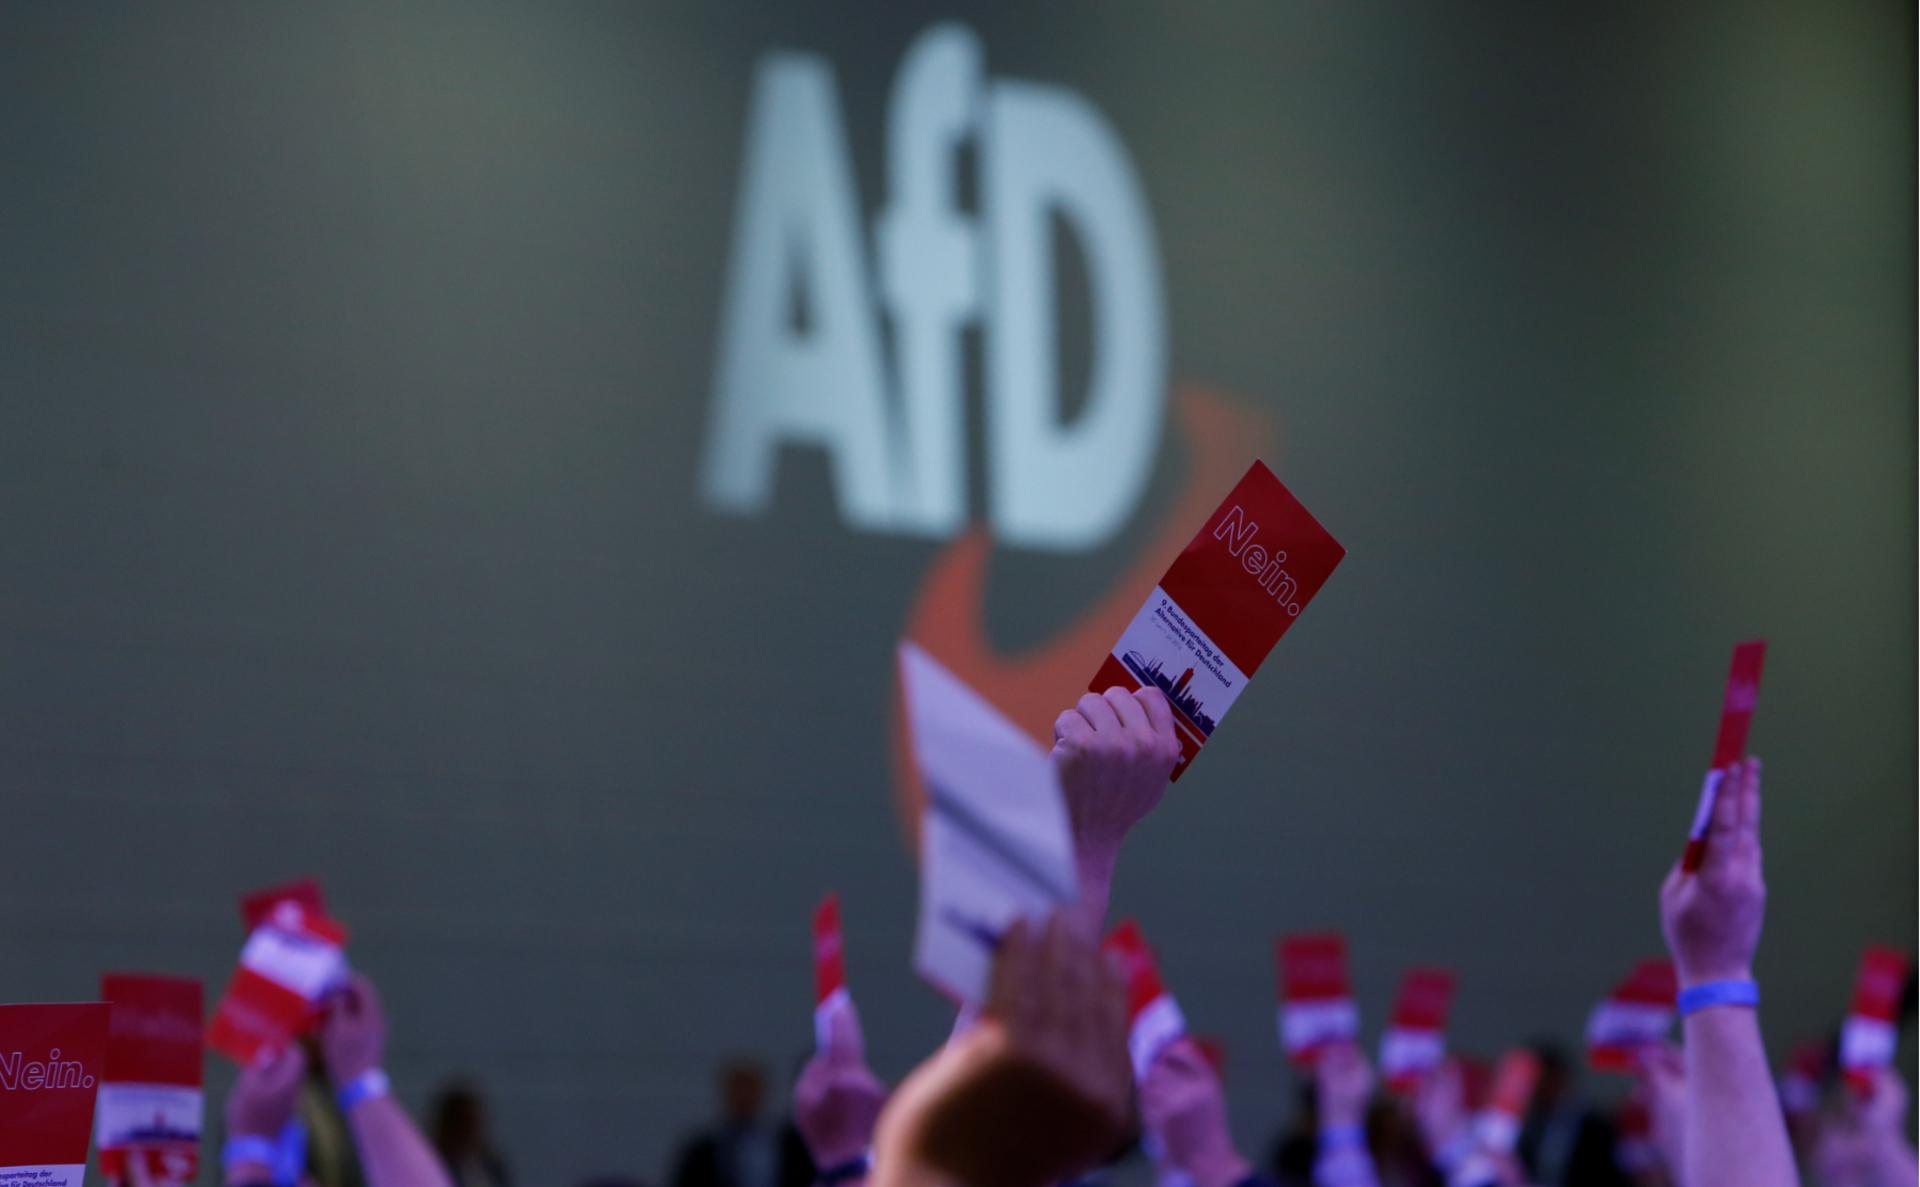 Голосование на съезде AfD в июне 2018 года